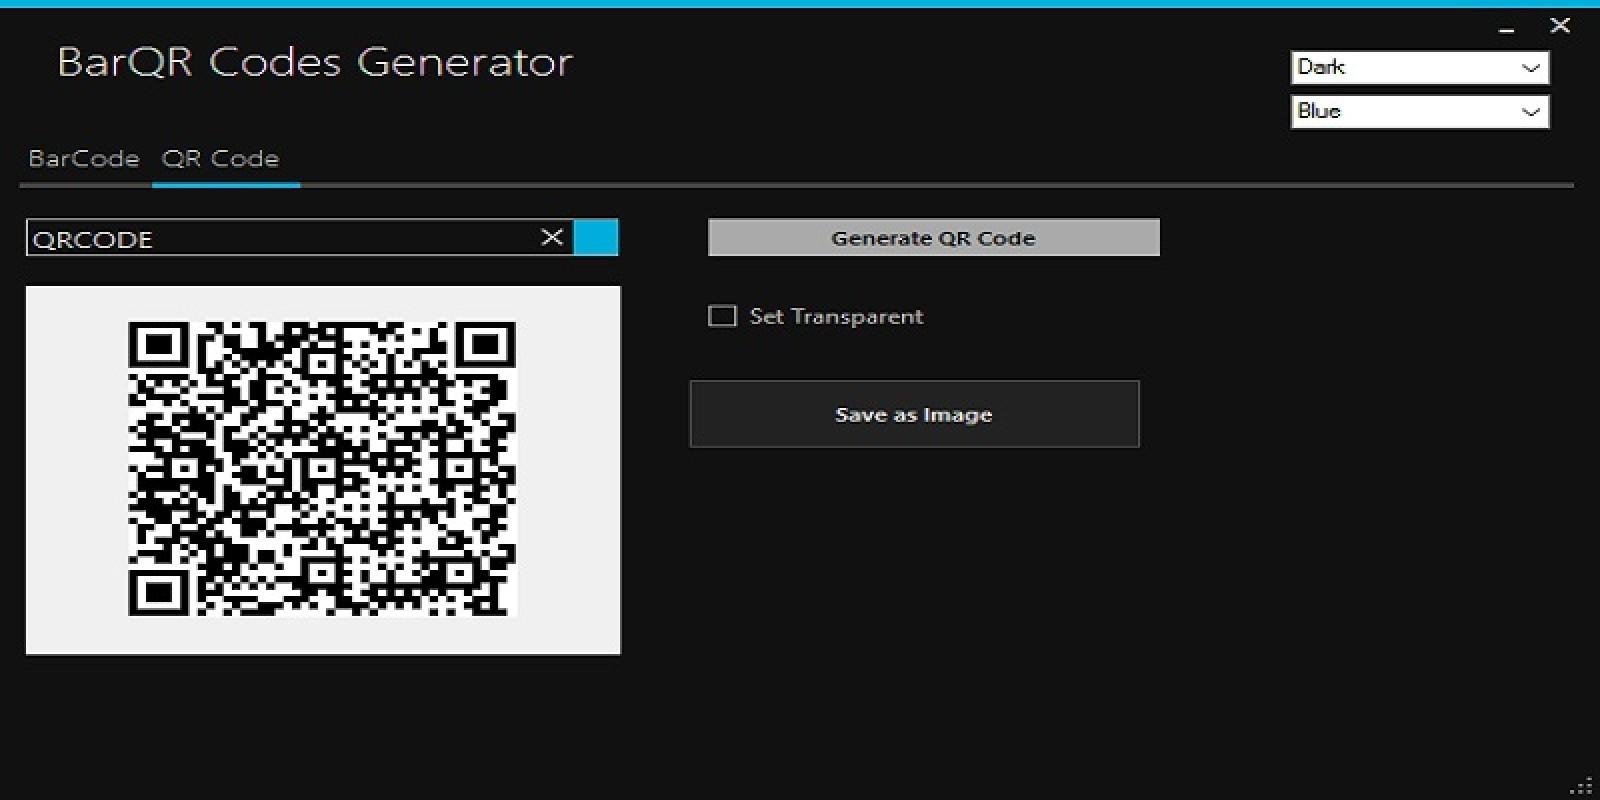 Bar Code - QR Code Generator